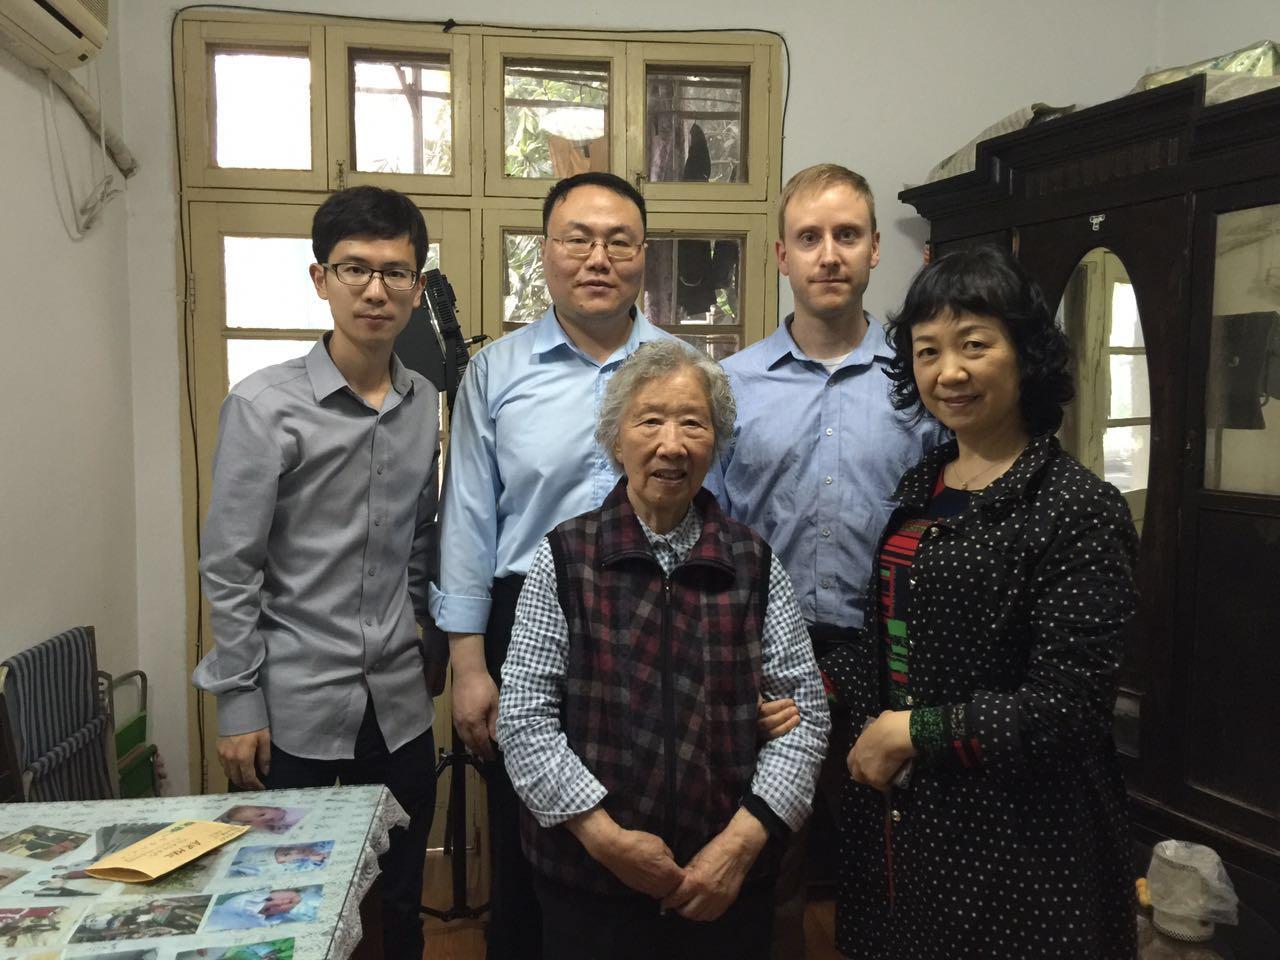 Back row from left: Cheng Fang, Yanming Lu, Zach Goode. Front row: Jing Zhizhen